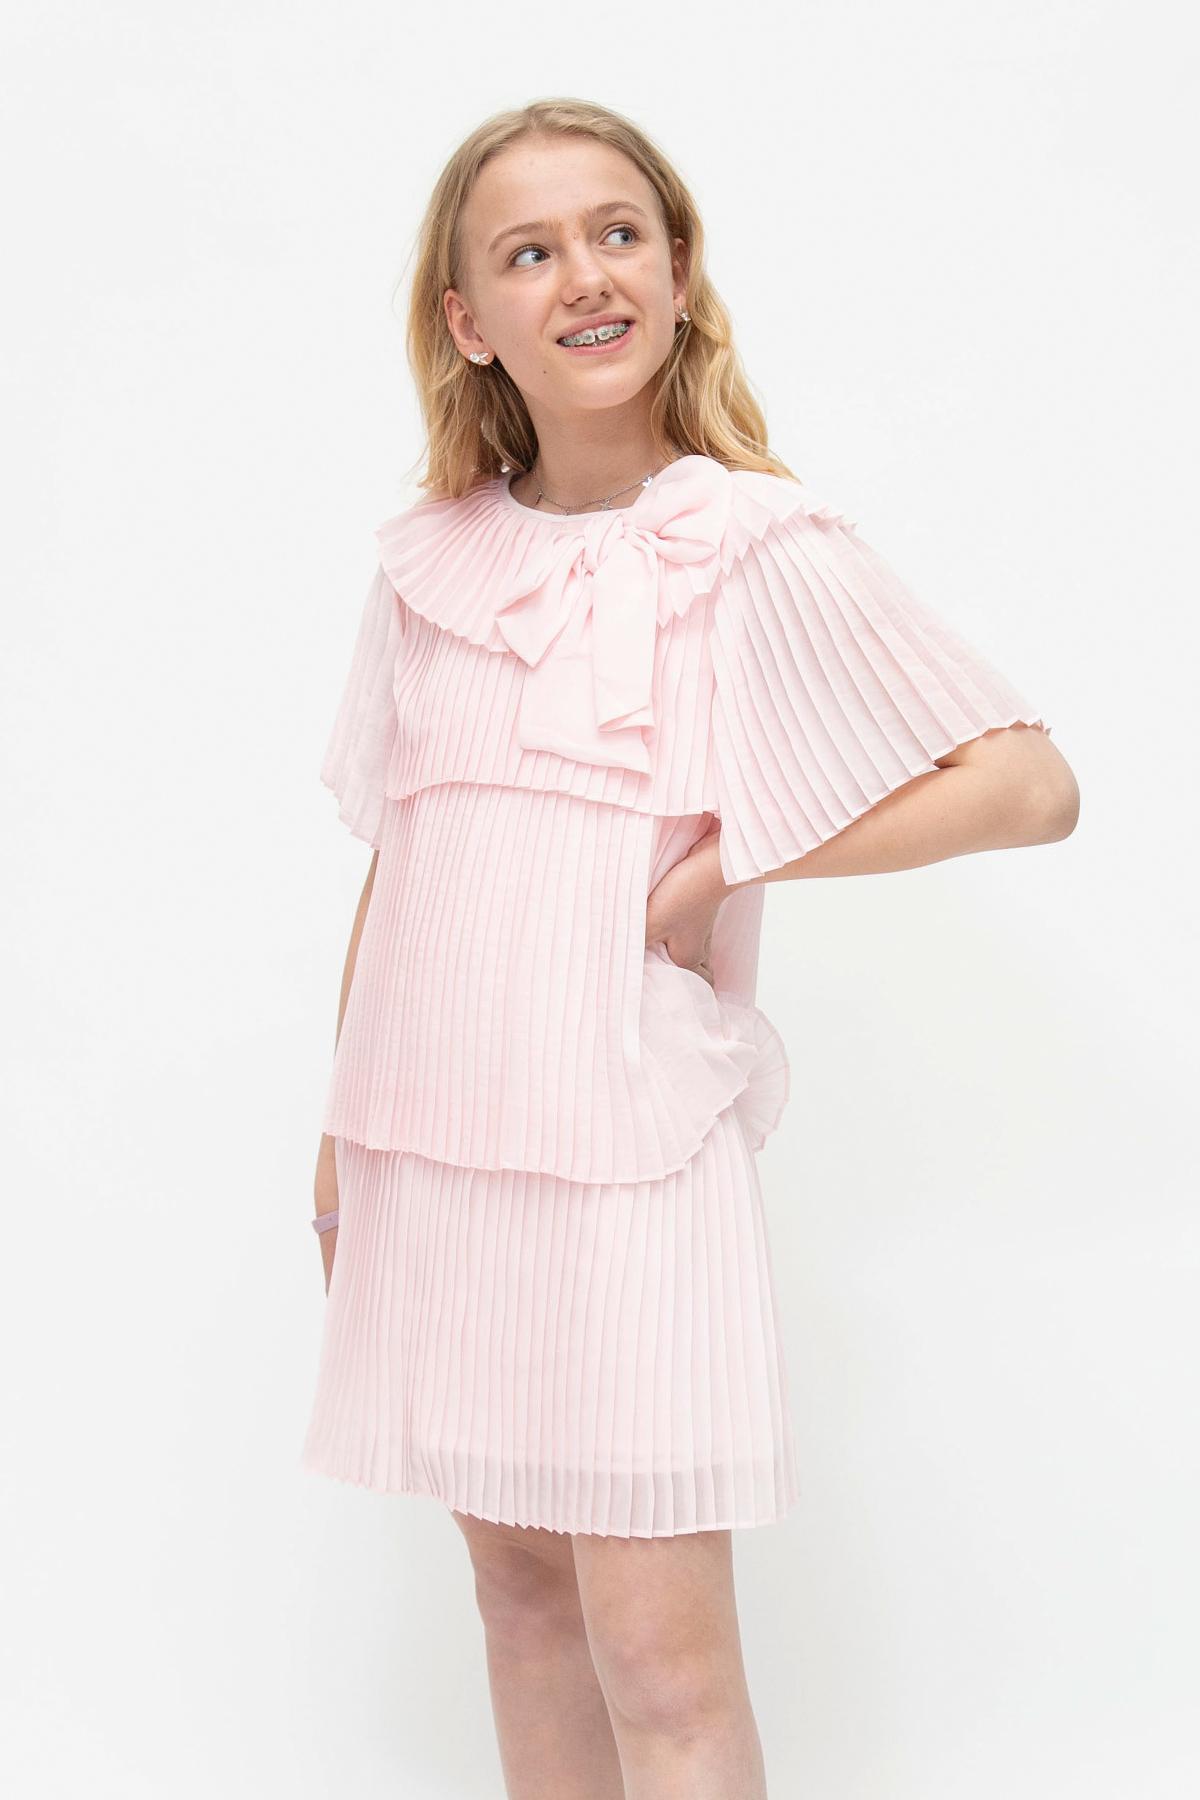 Klänning Plisserad » Barnkläder, Babykläder och Barnskor